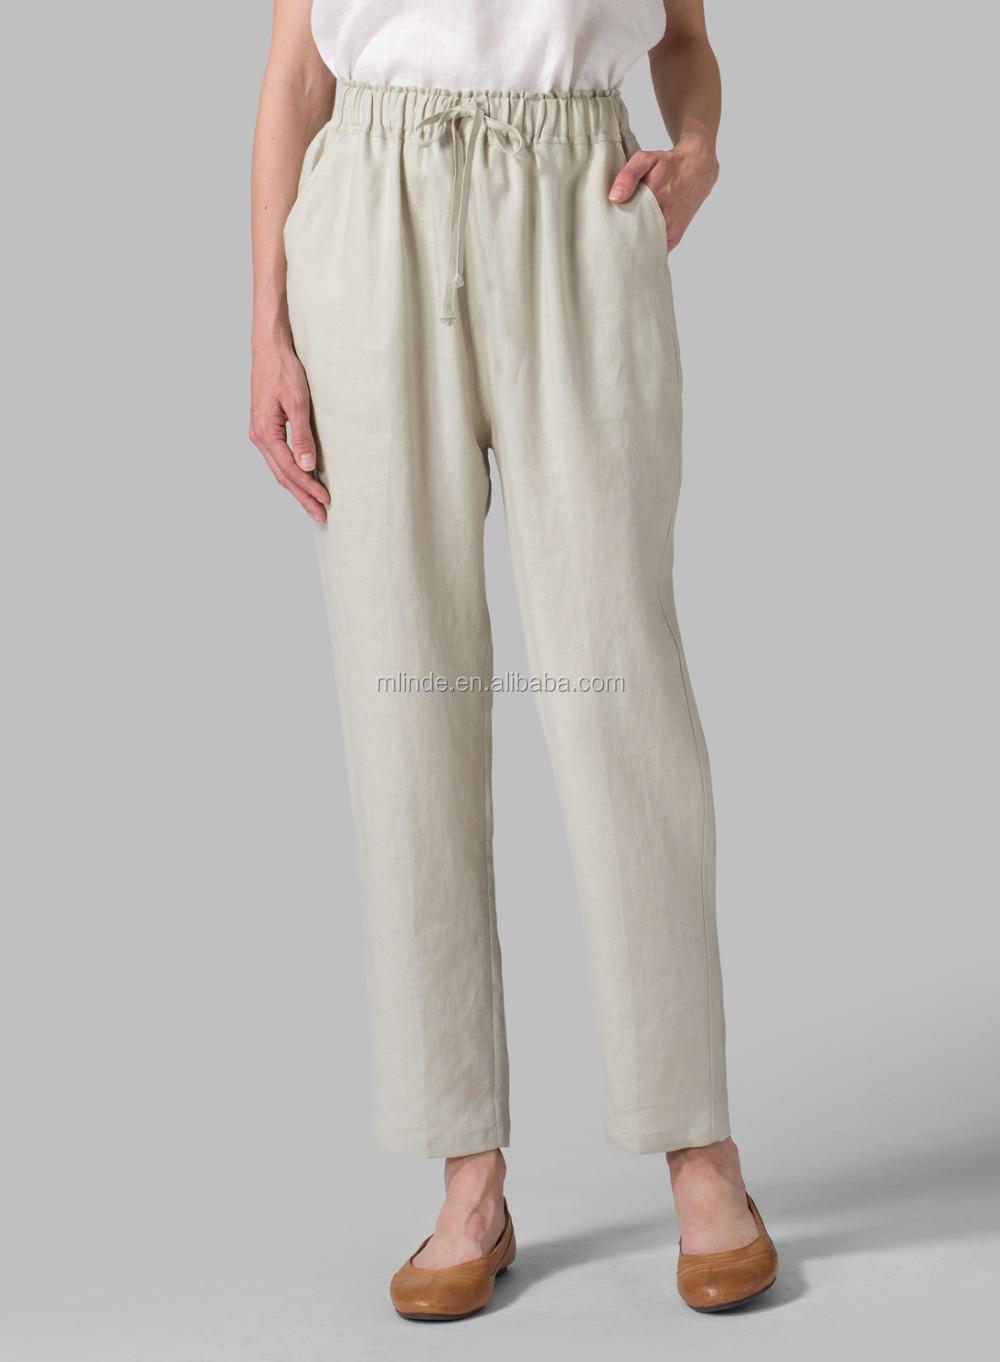 Lin Pantalon Lin Taille Élastique Ceinture Beaucoup De Couleurs